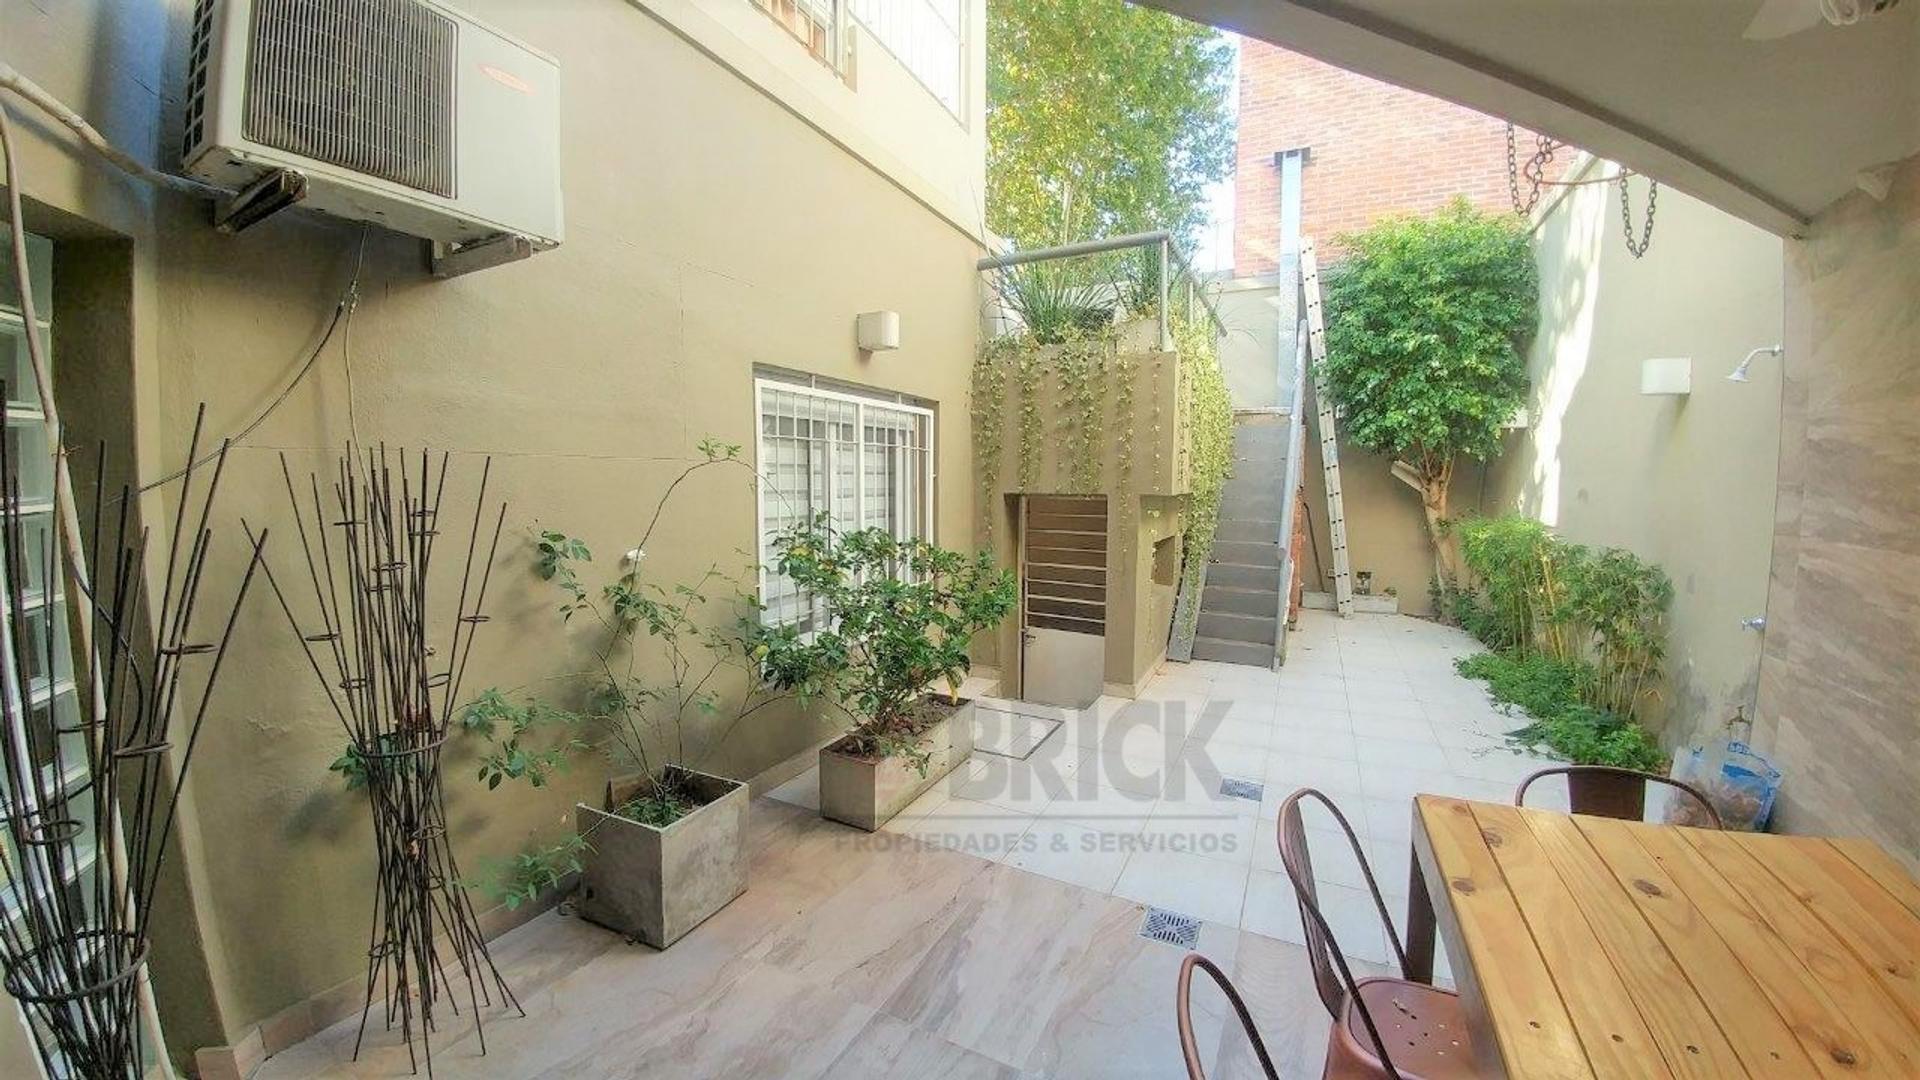 Casa - 286 m² | 5 dormitorios | 4 baños